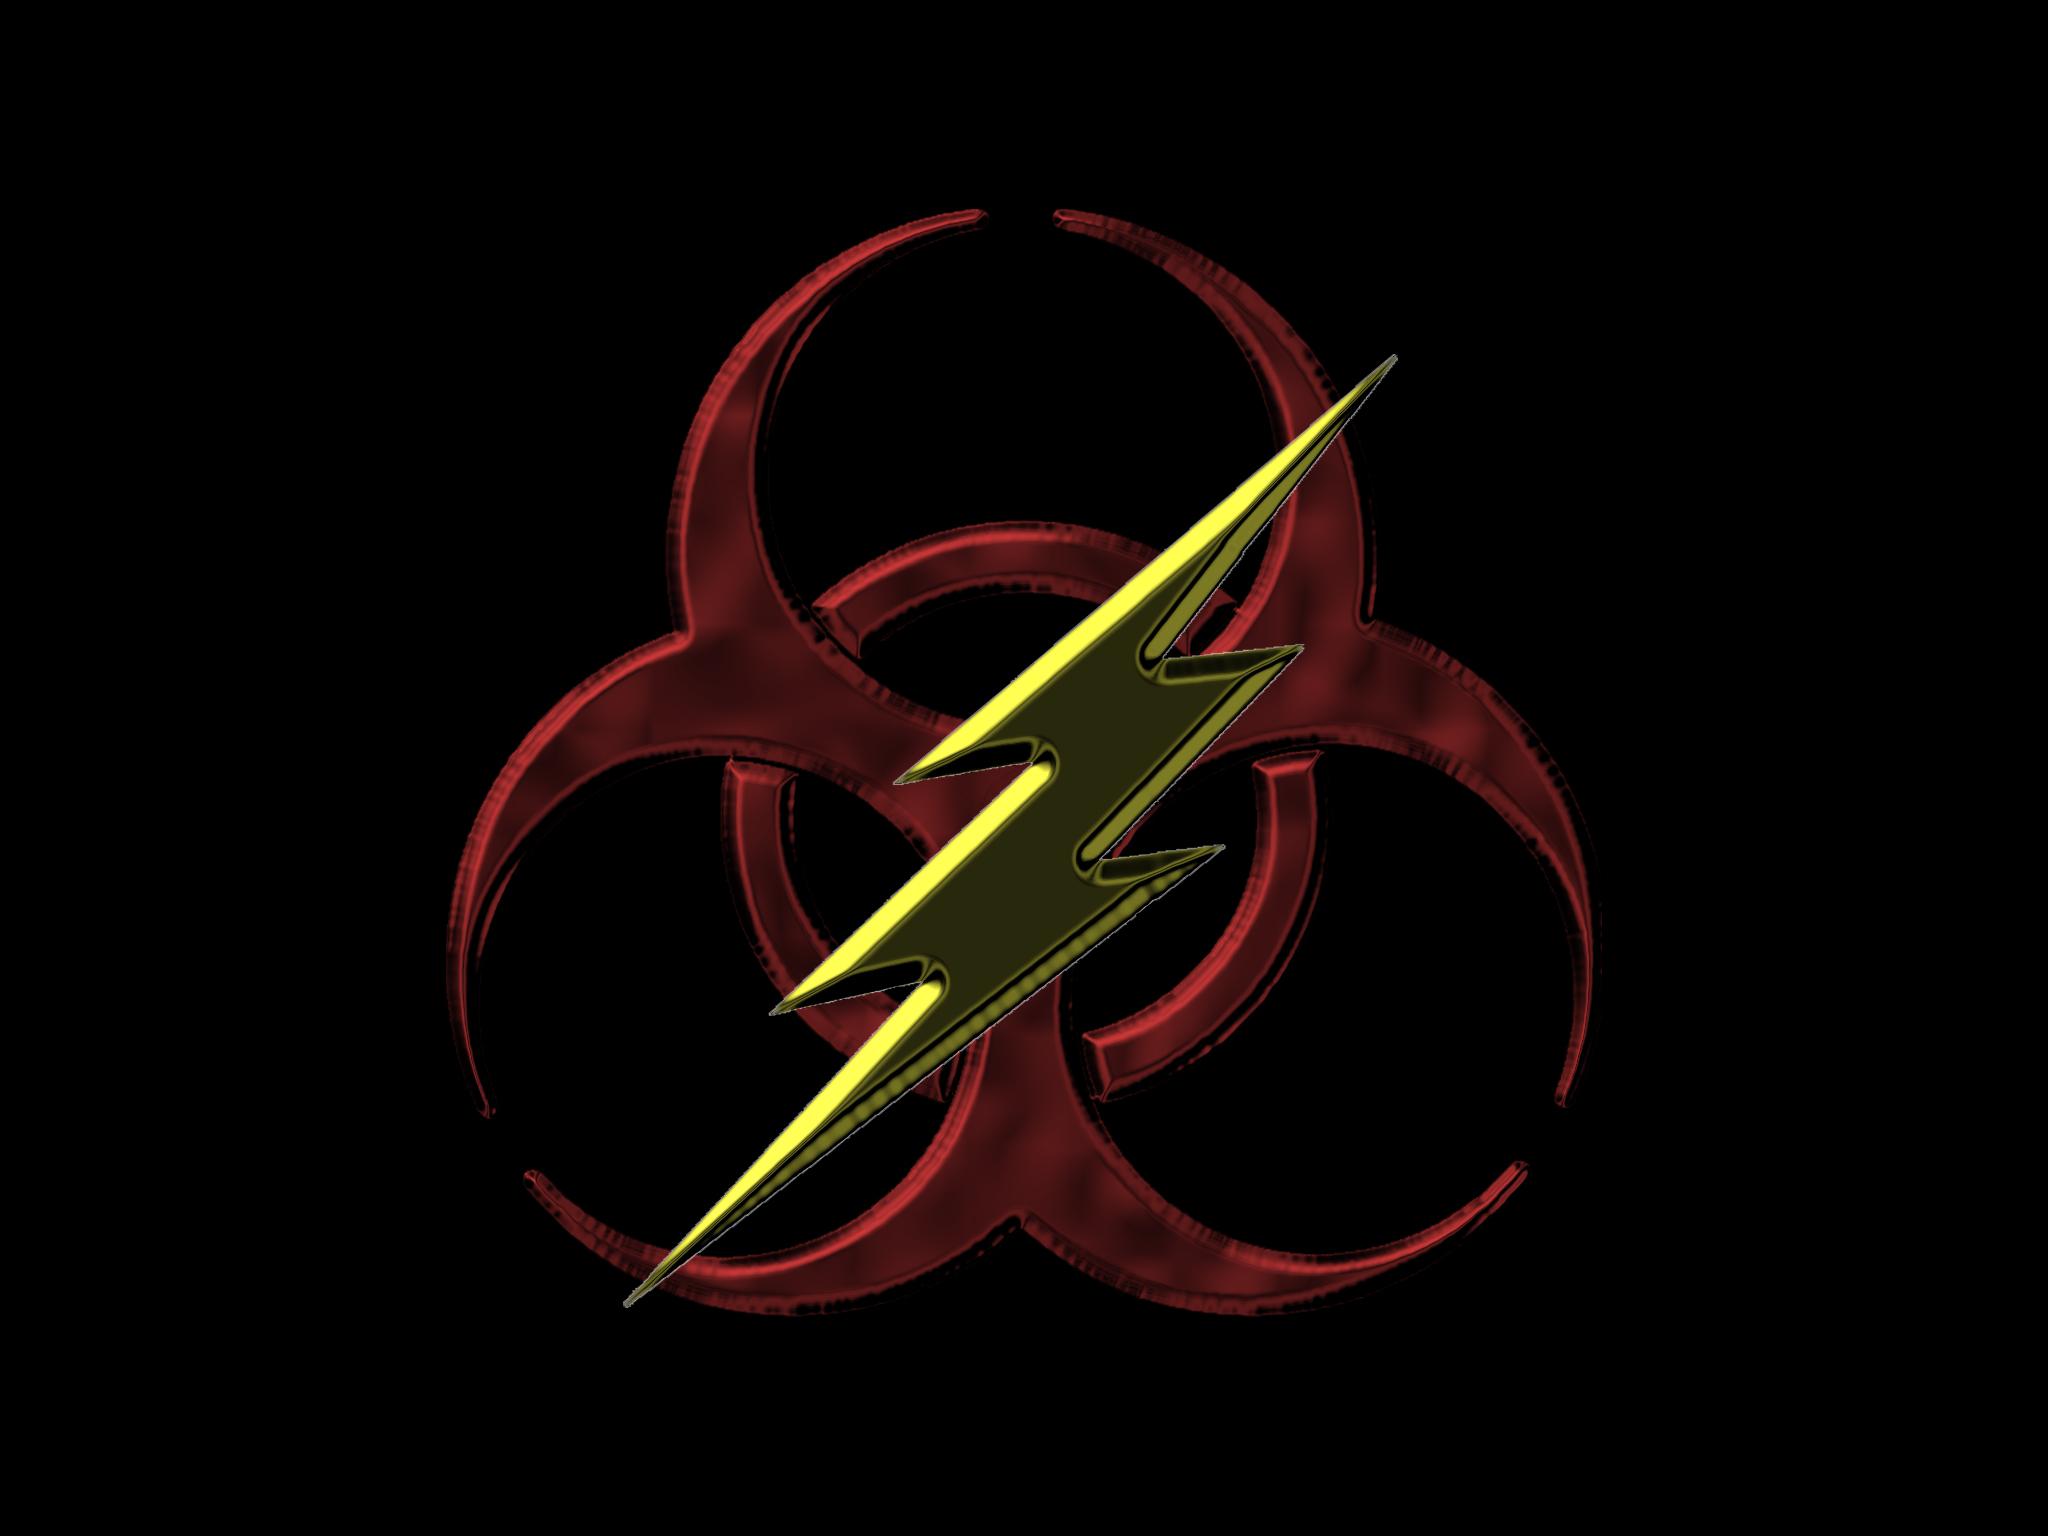 Flash Biohazard Hybrid by veraukoion 2048x1536